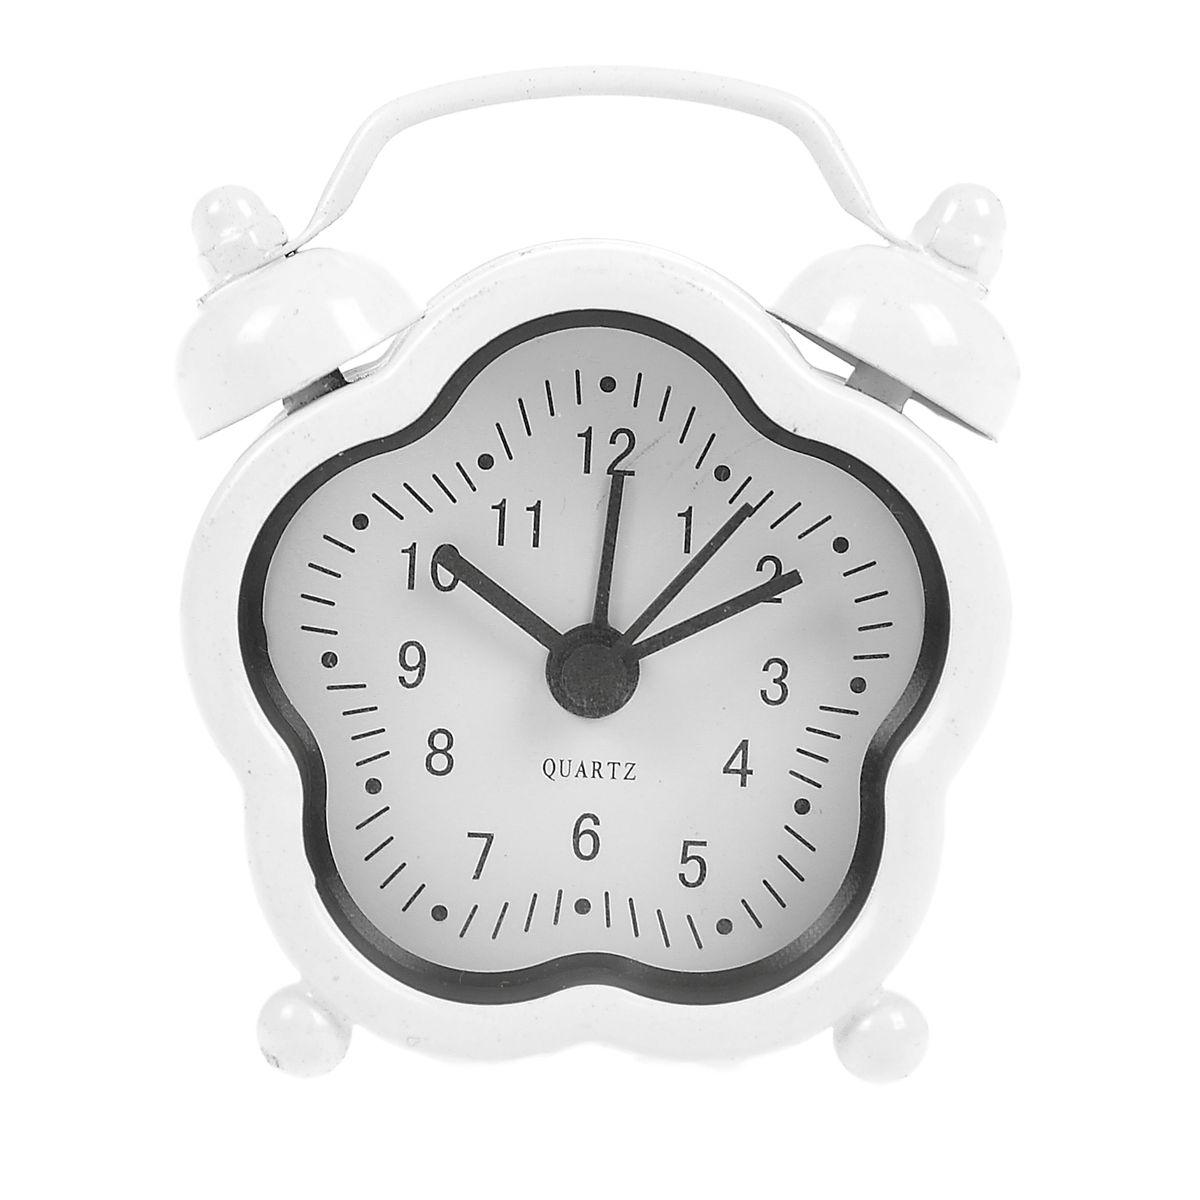 Часы-будильник Sima-land, цвет: белый. 840956840956Как же сложно иногда вставать вовремя! Всегда так хочется поспать еще хотя бы 5 минут и бывает, что мы просыпаем. Теперь этого не случится! Яркий, оригинальный будильник Sima-land поможет вам всегда вставать в нужное время и успевать везде и всюду. Будильник украсит вашу комнату и приведет в восхищение друзей. Эта уменьшенная версия привычного будильника умещается на ладони и работает так же громко, как и привычные аналоги. Время показывает точно и будит в установленный час. На задней панели будильника расположены переключатель включения/выключения механизма, а также два колесика для настройки текущего времени и времени звонка будильника. Будильник работает от 1 батарейки типа LR44 (входит в комплект).